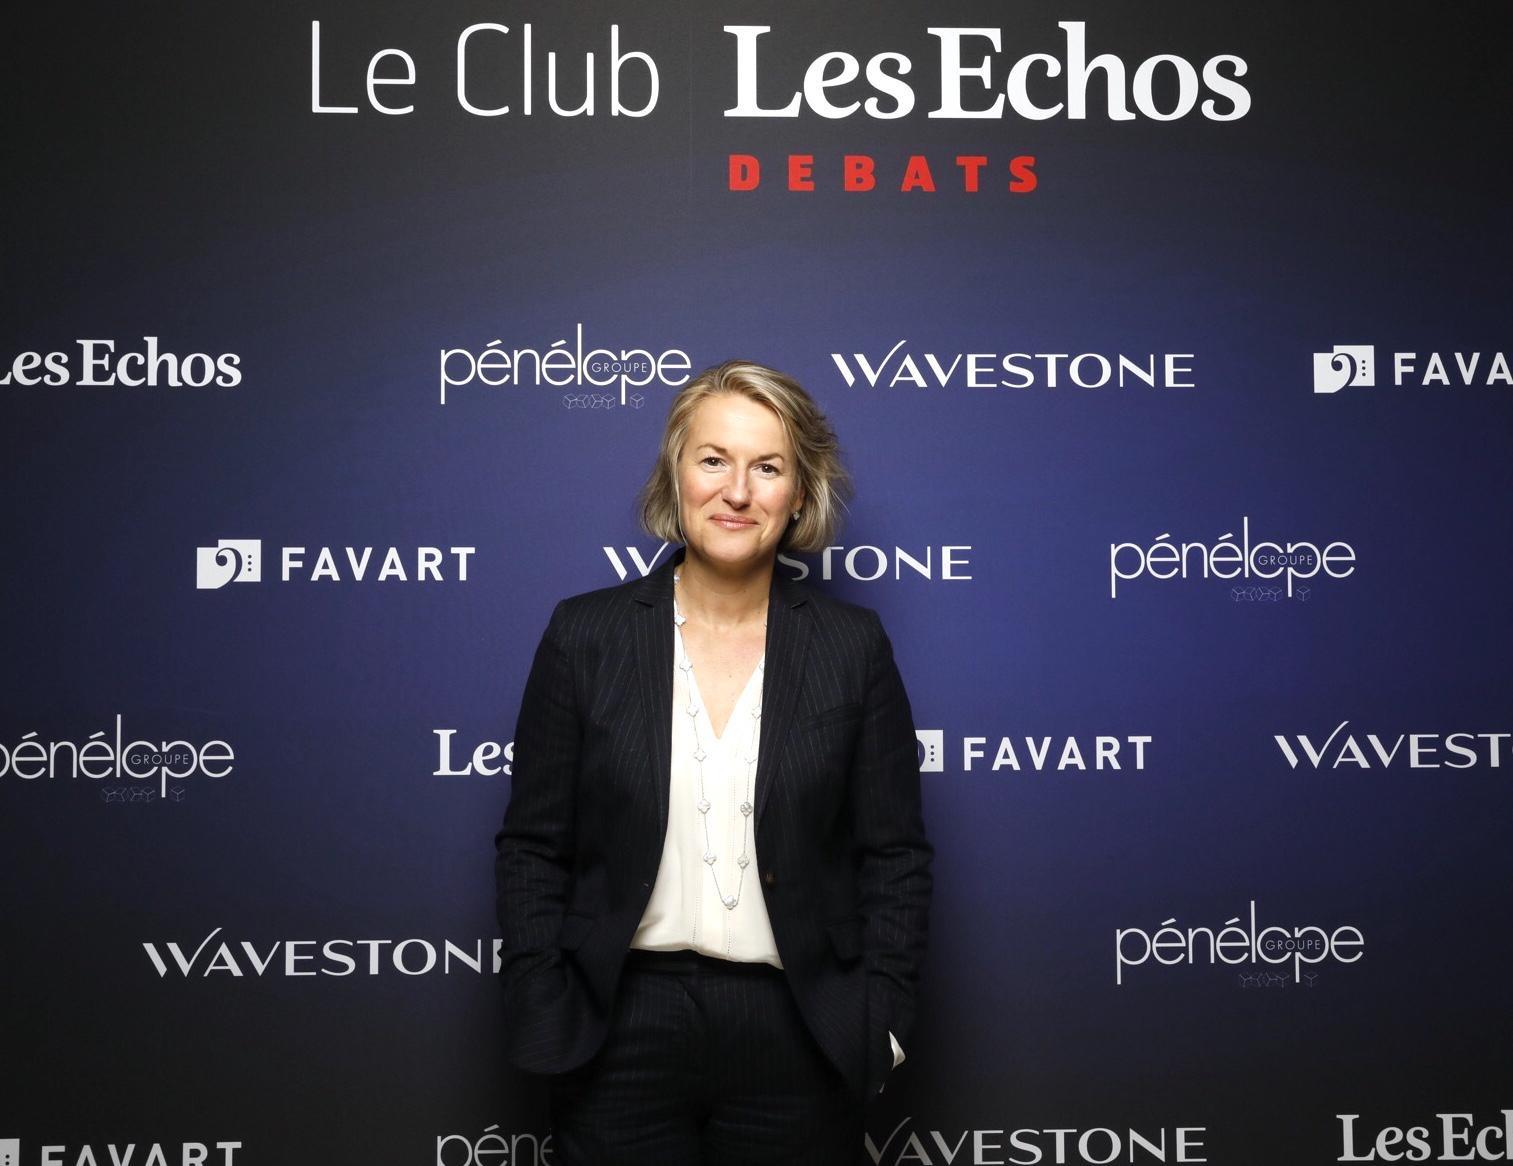 Air France face aux enjeux économiques et environnementaux : retour sur le Club Les échos avec Anne Rigail, DG D'Air France